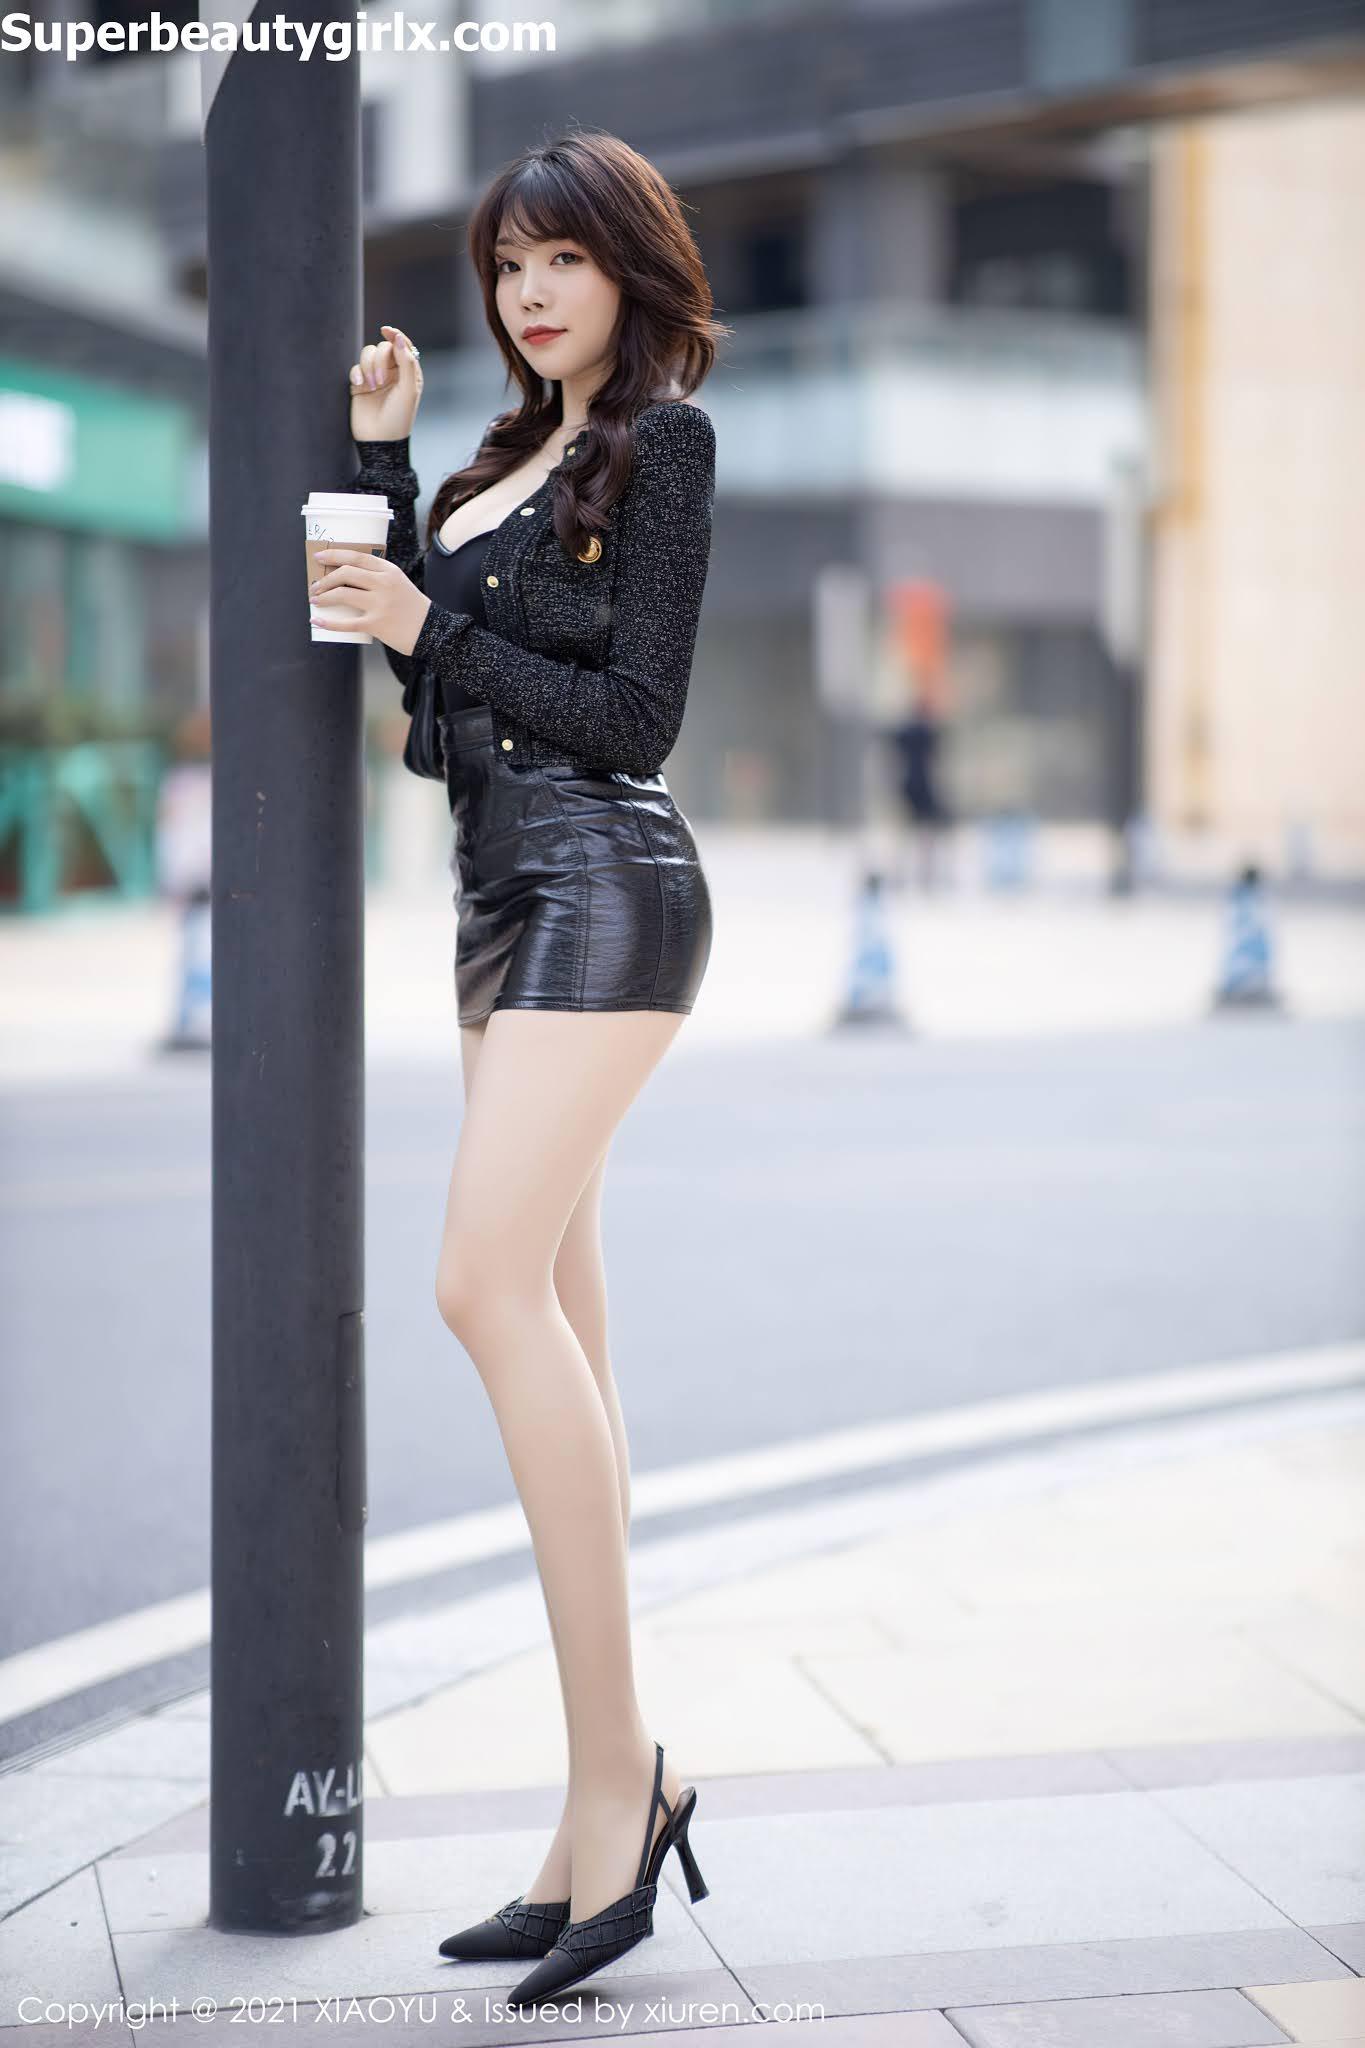 XiaoYu-Vol.485-Booty-Zhizhi-Superbeautygirlx.com